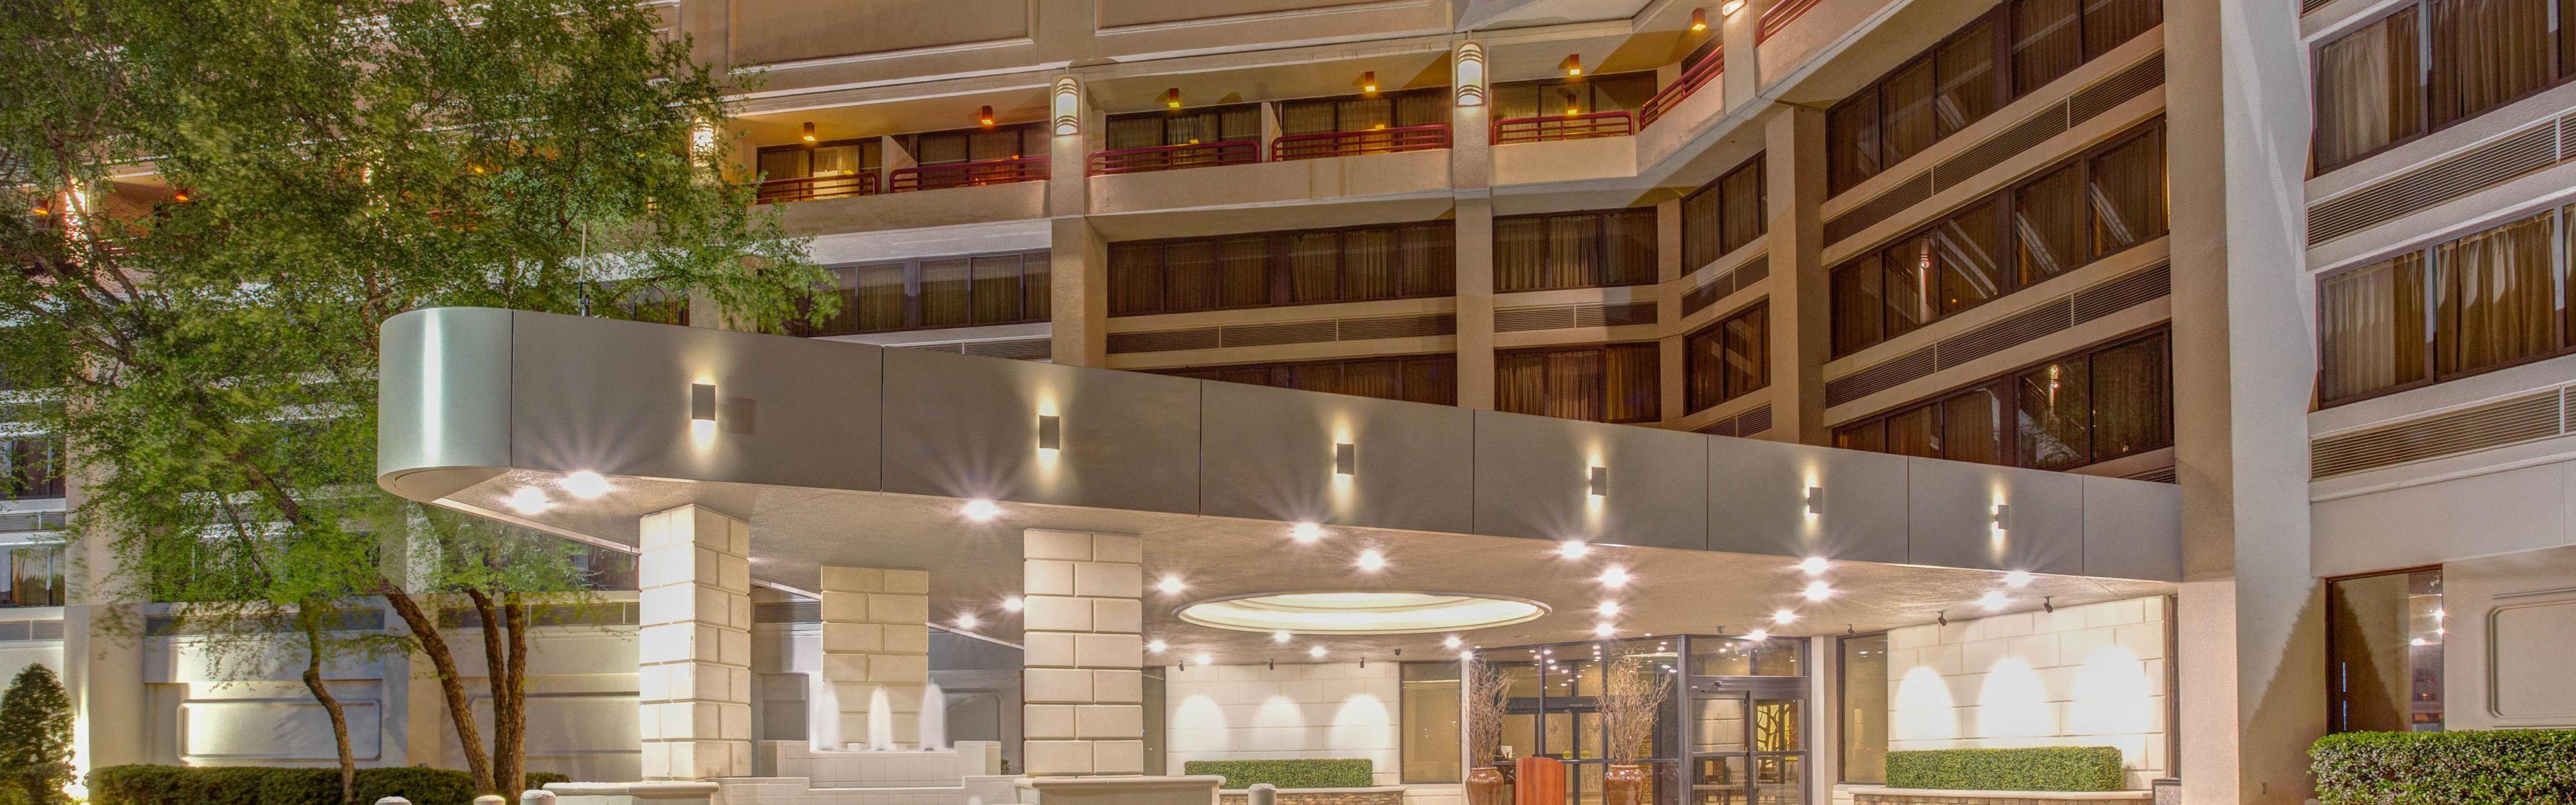 Crowne Plaza Executive Center Baton Rouge image 0